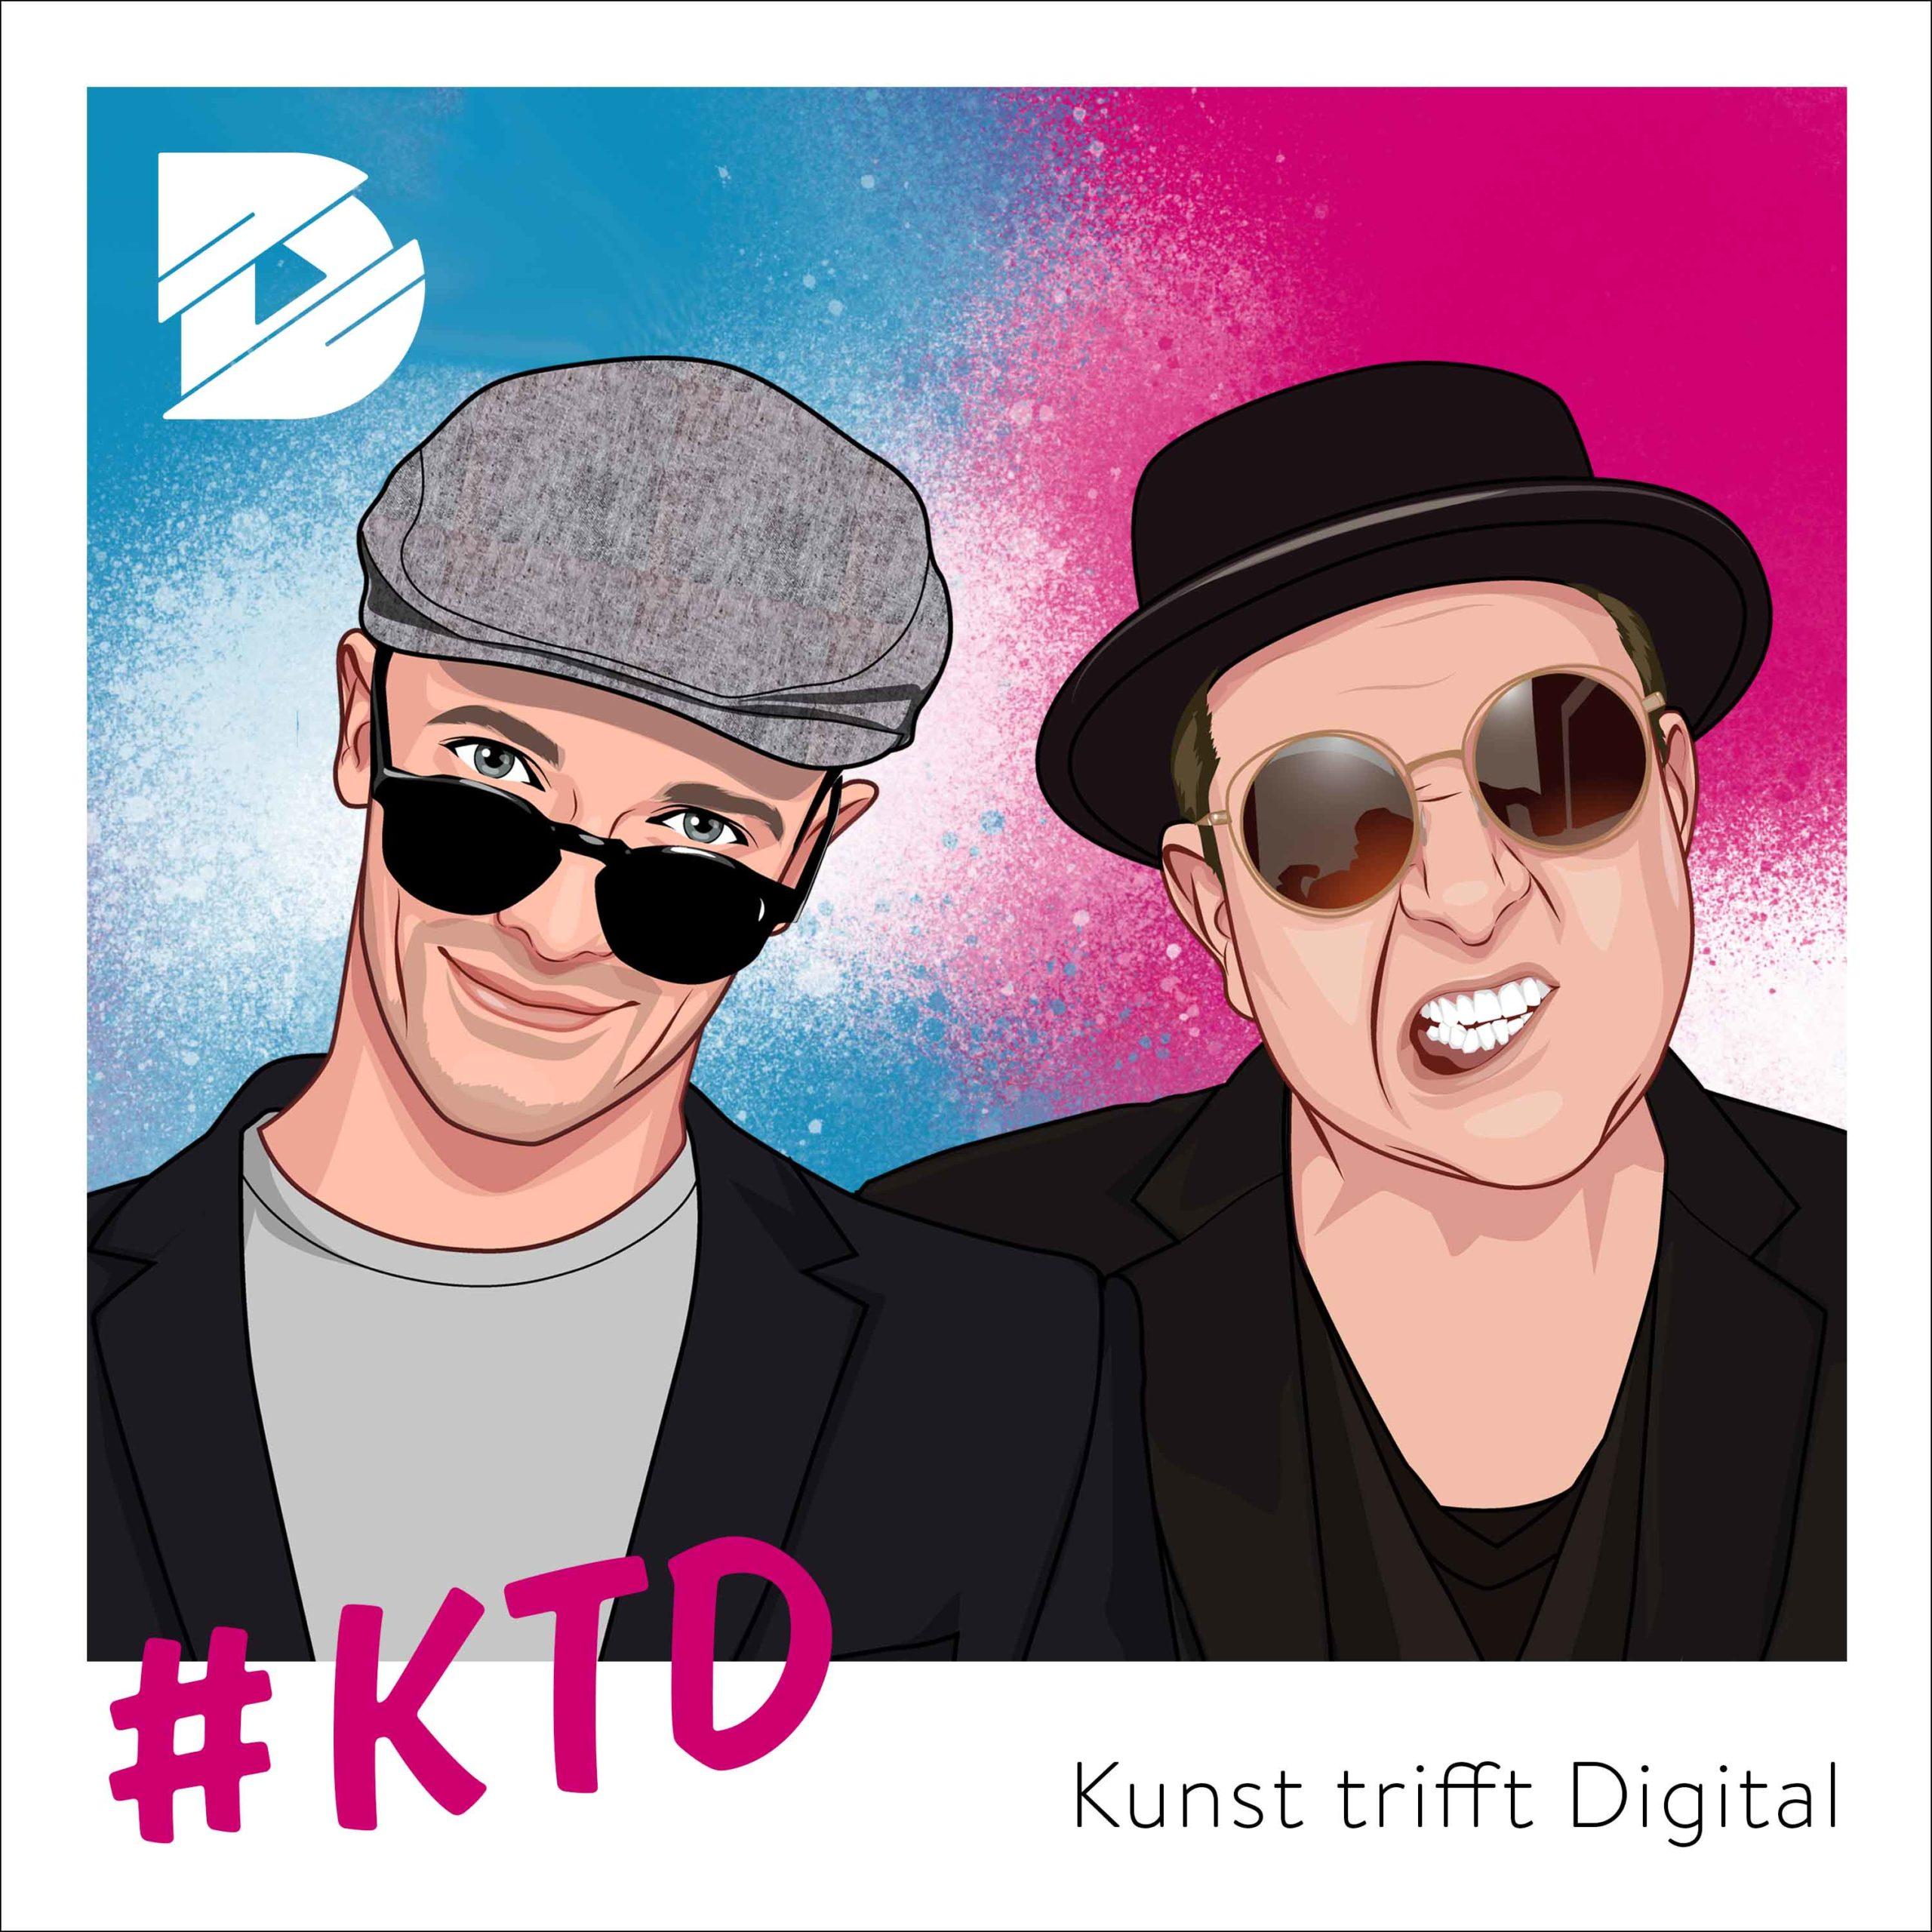 Podcast-digital kompakt-Kunst trifft Digital